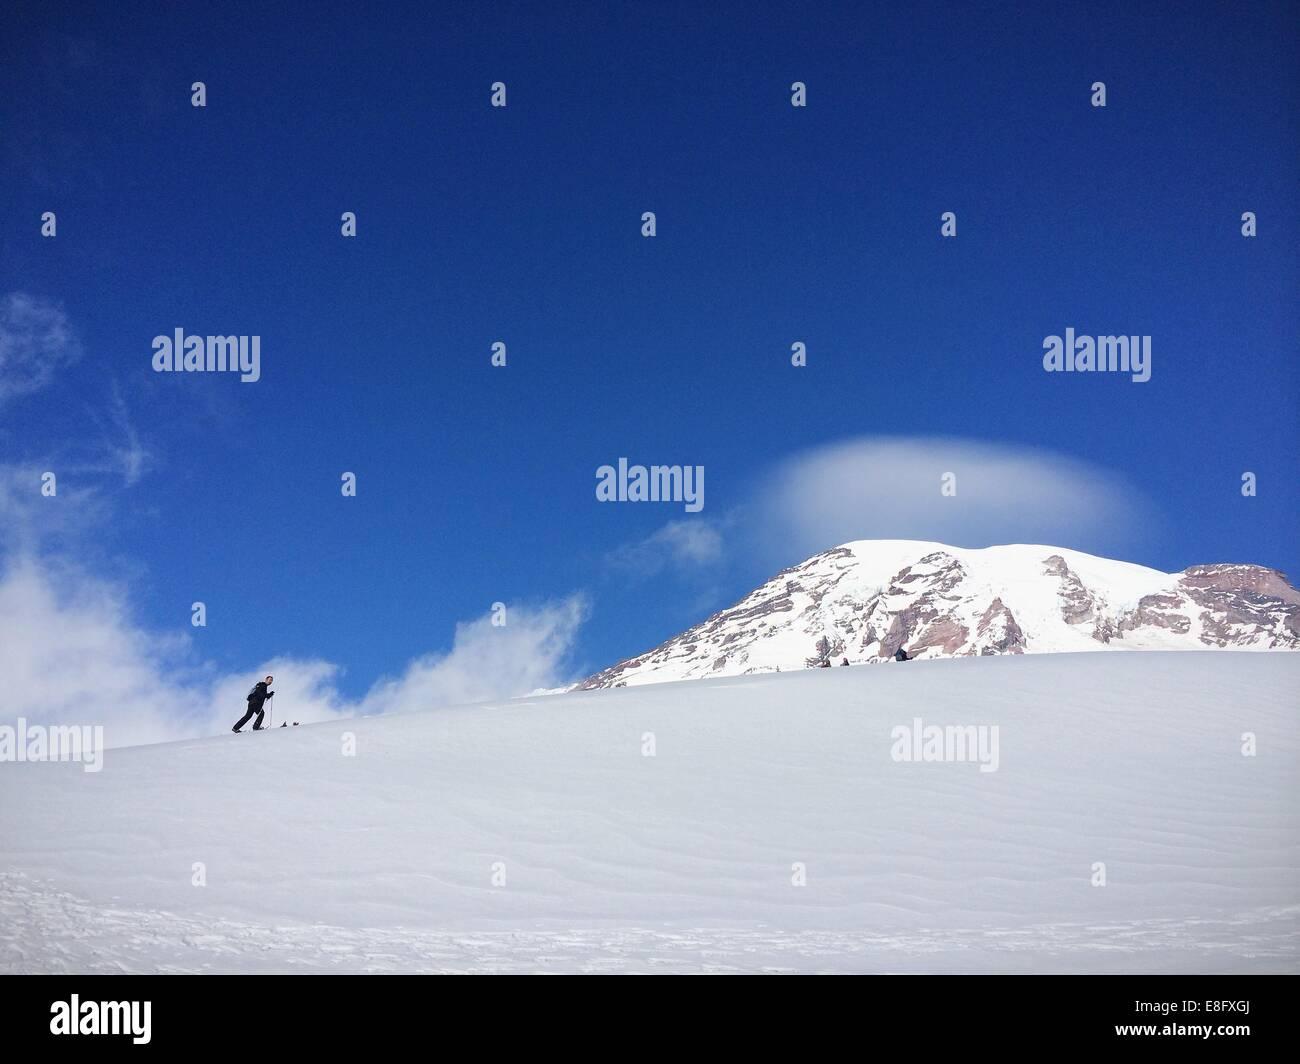 USA, Washington, le Comté de Pierce, la raquette au mont Rainier Photo Stock